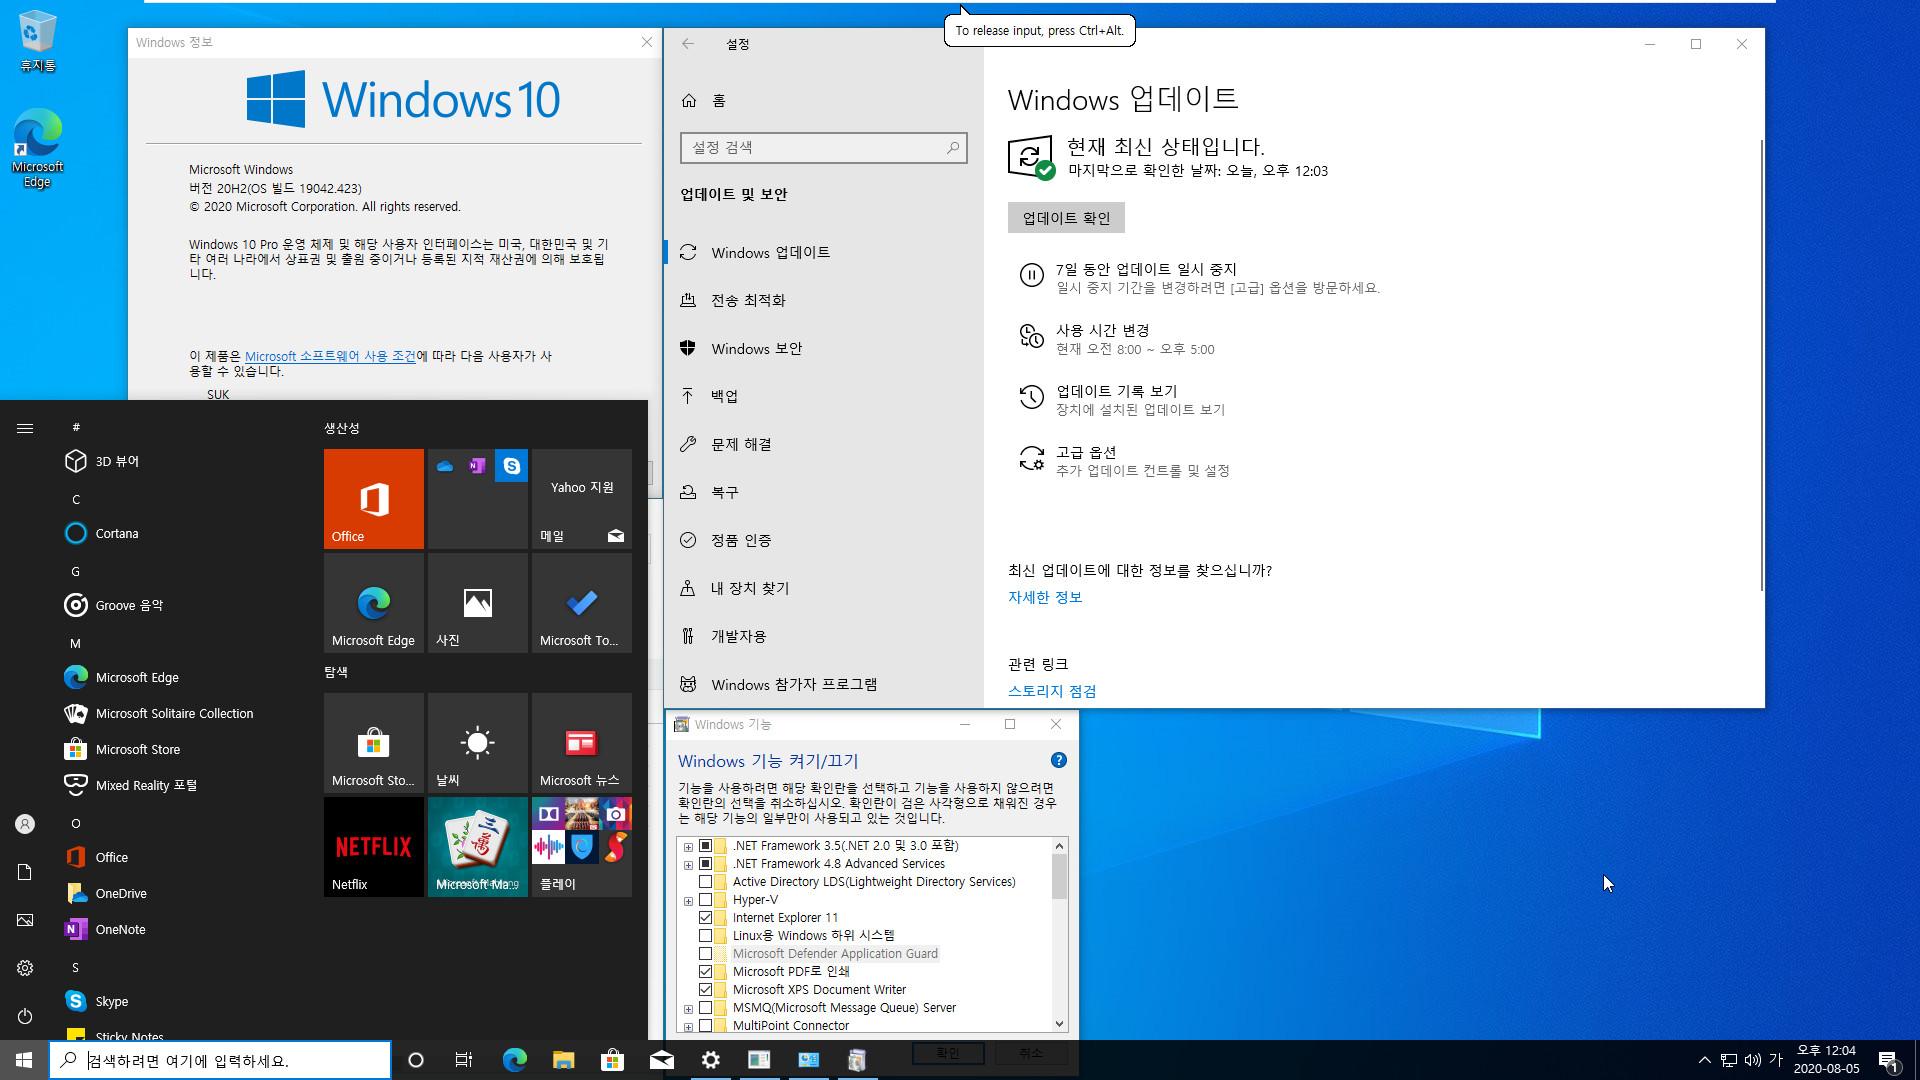 2020-08-01일자 수시 업데이트 통합 - Windows 10 버전 2004 + 버전 20H2 누적 업데이트 KB4568831 (OS 빌드 19041.423 + 19042.423) vmware에 설치 테스트 2020-08-05_120442.jpg